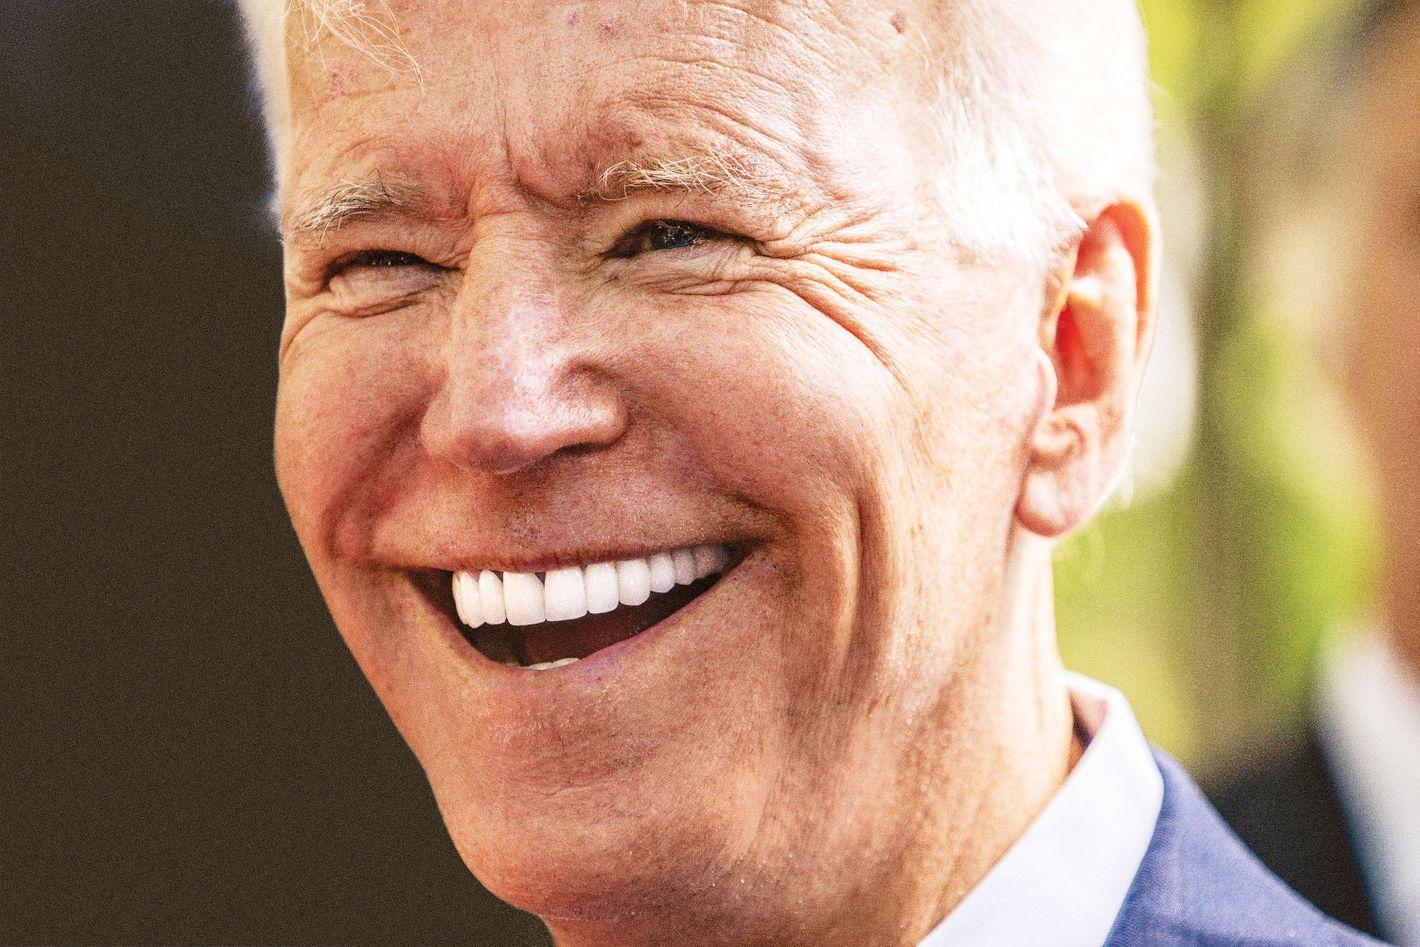 Inside Joe Biden's 2020 Presidential Campaign